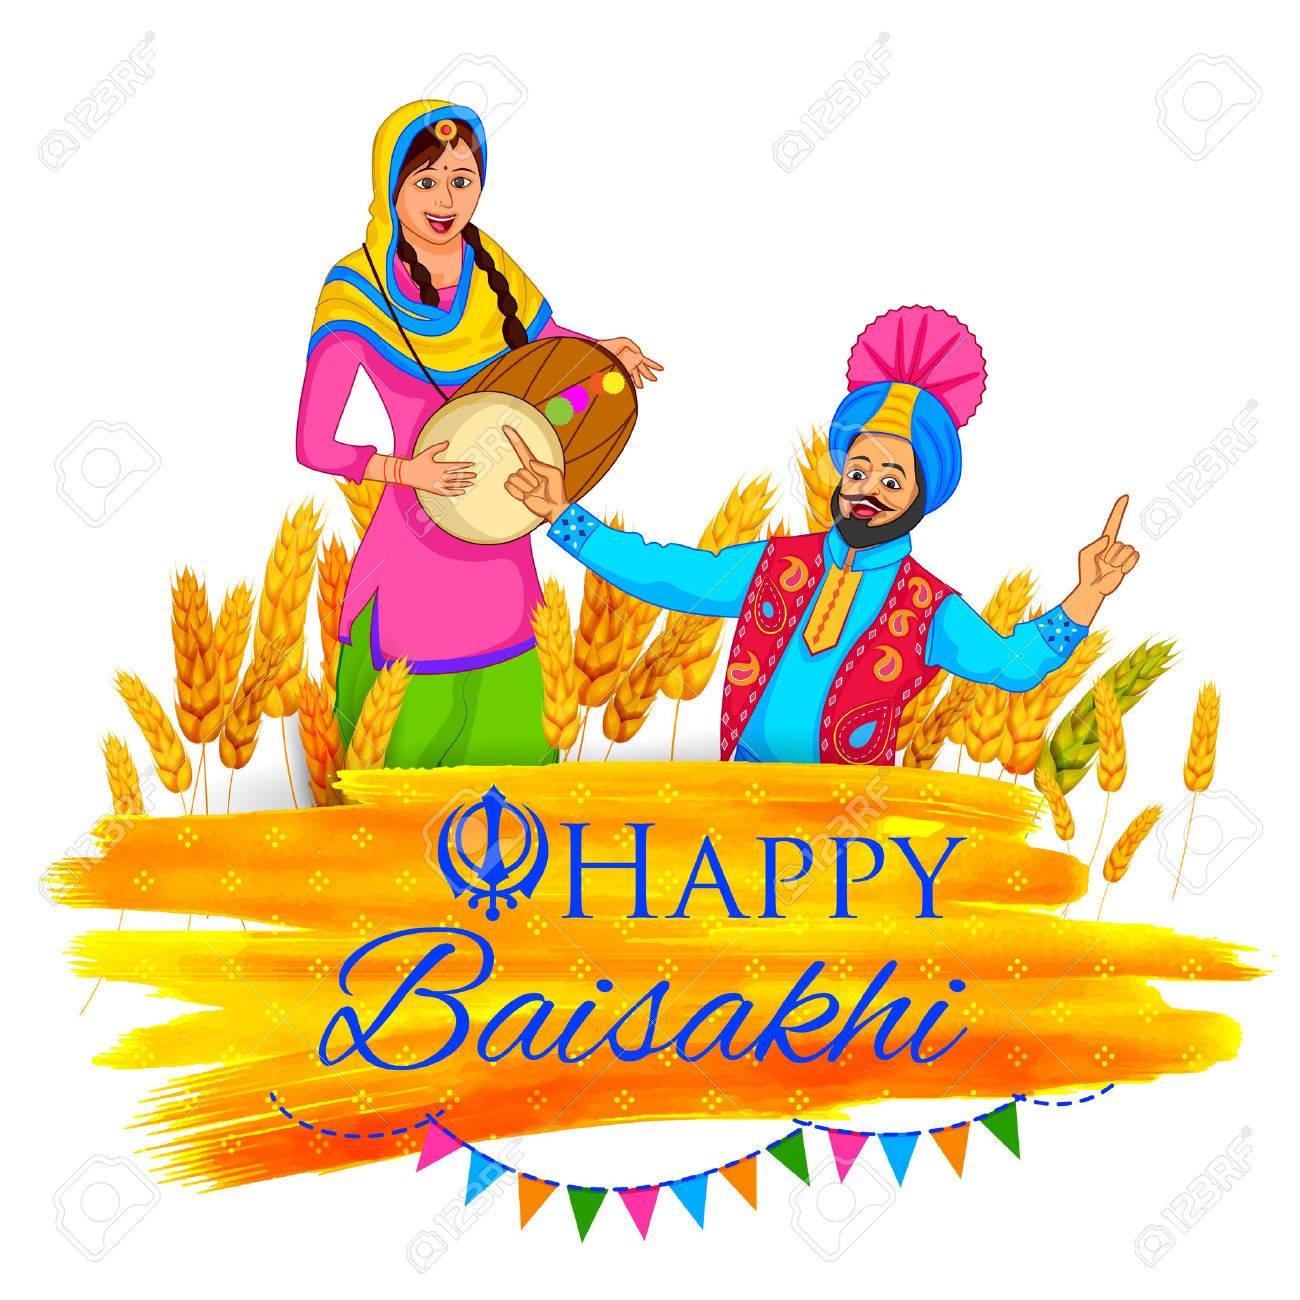 illustration of Punjabi New Year Happy Baisakhi background - 55670793